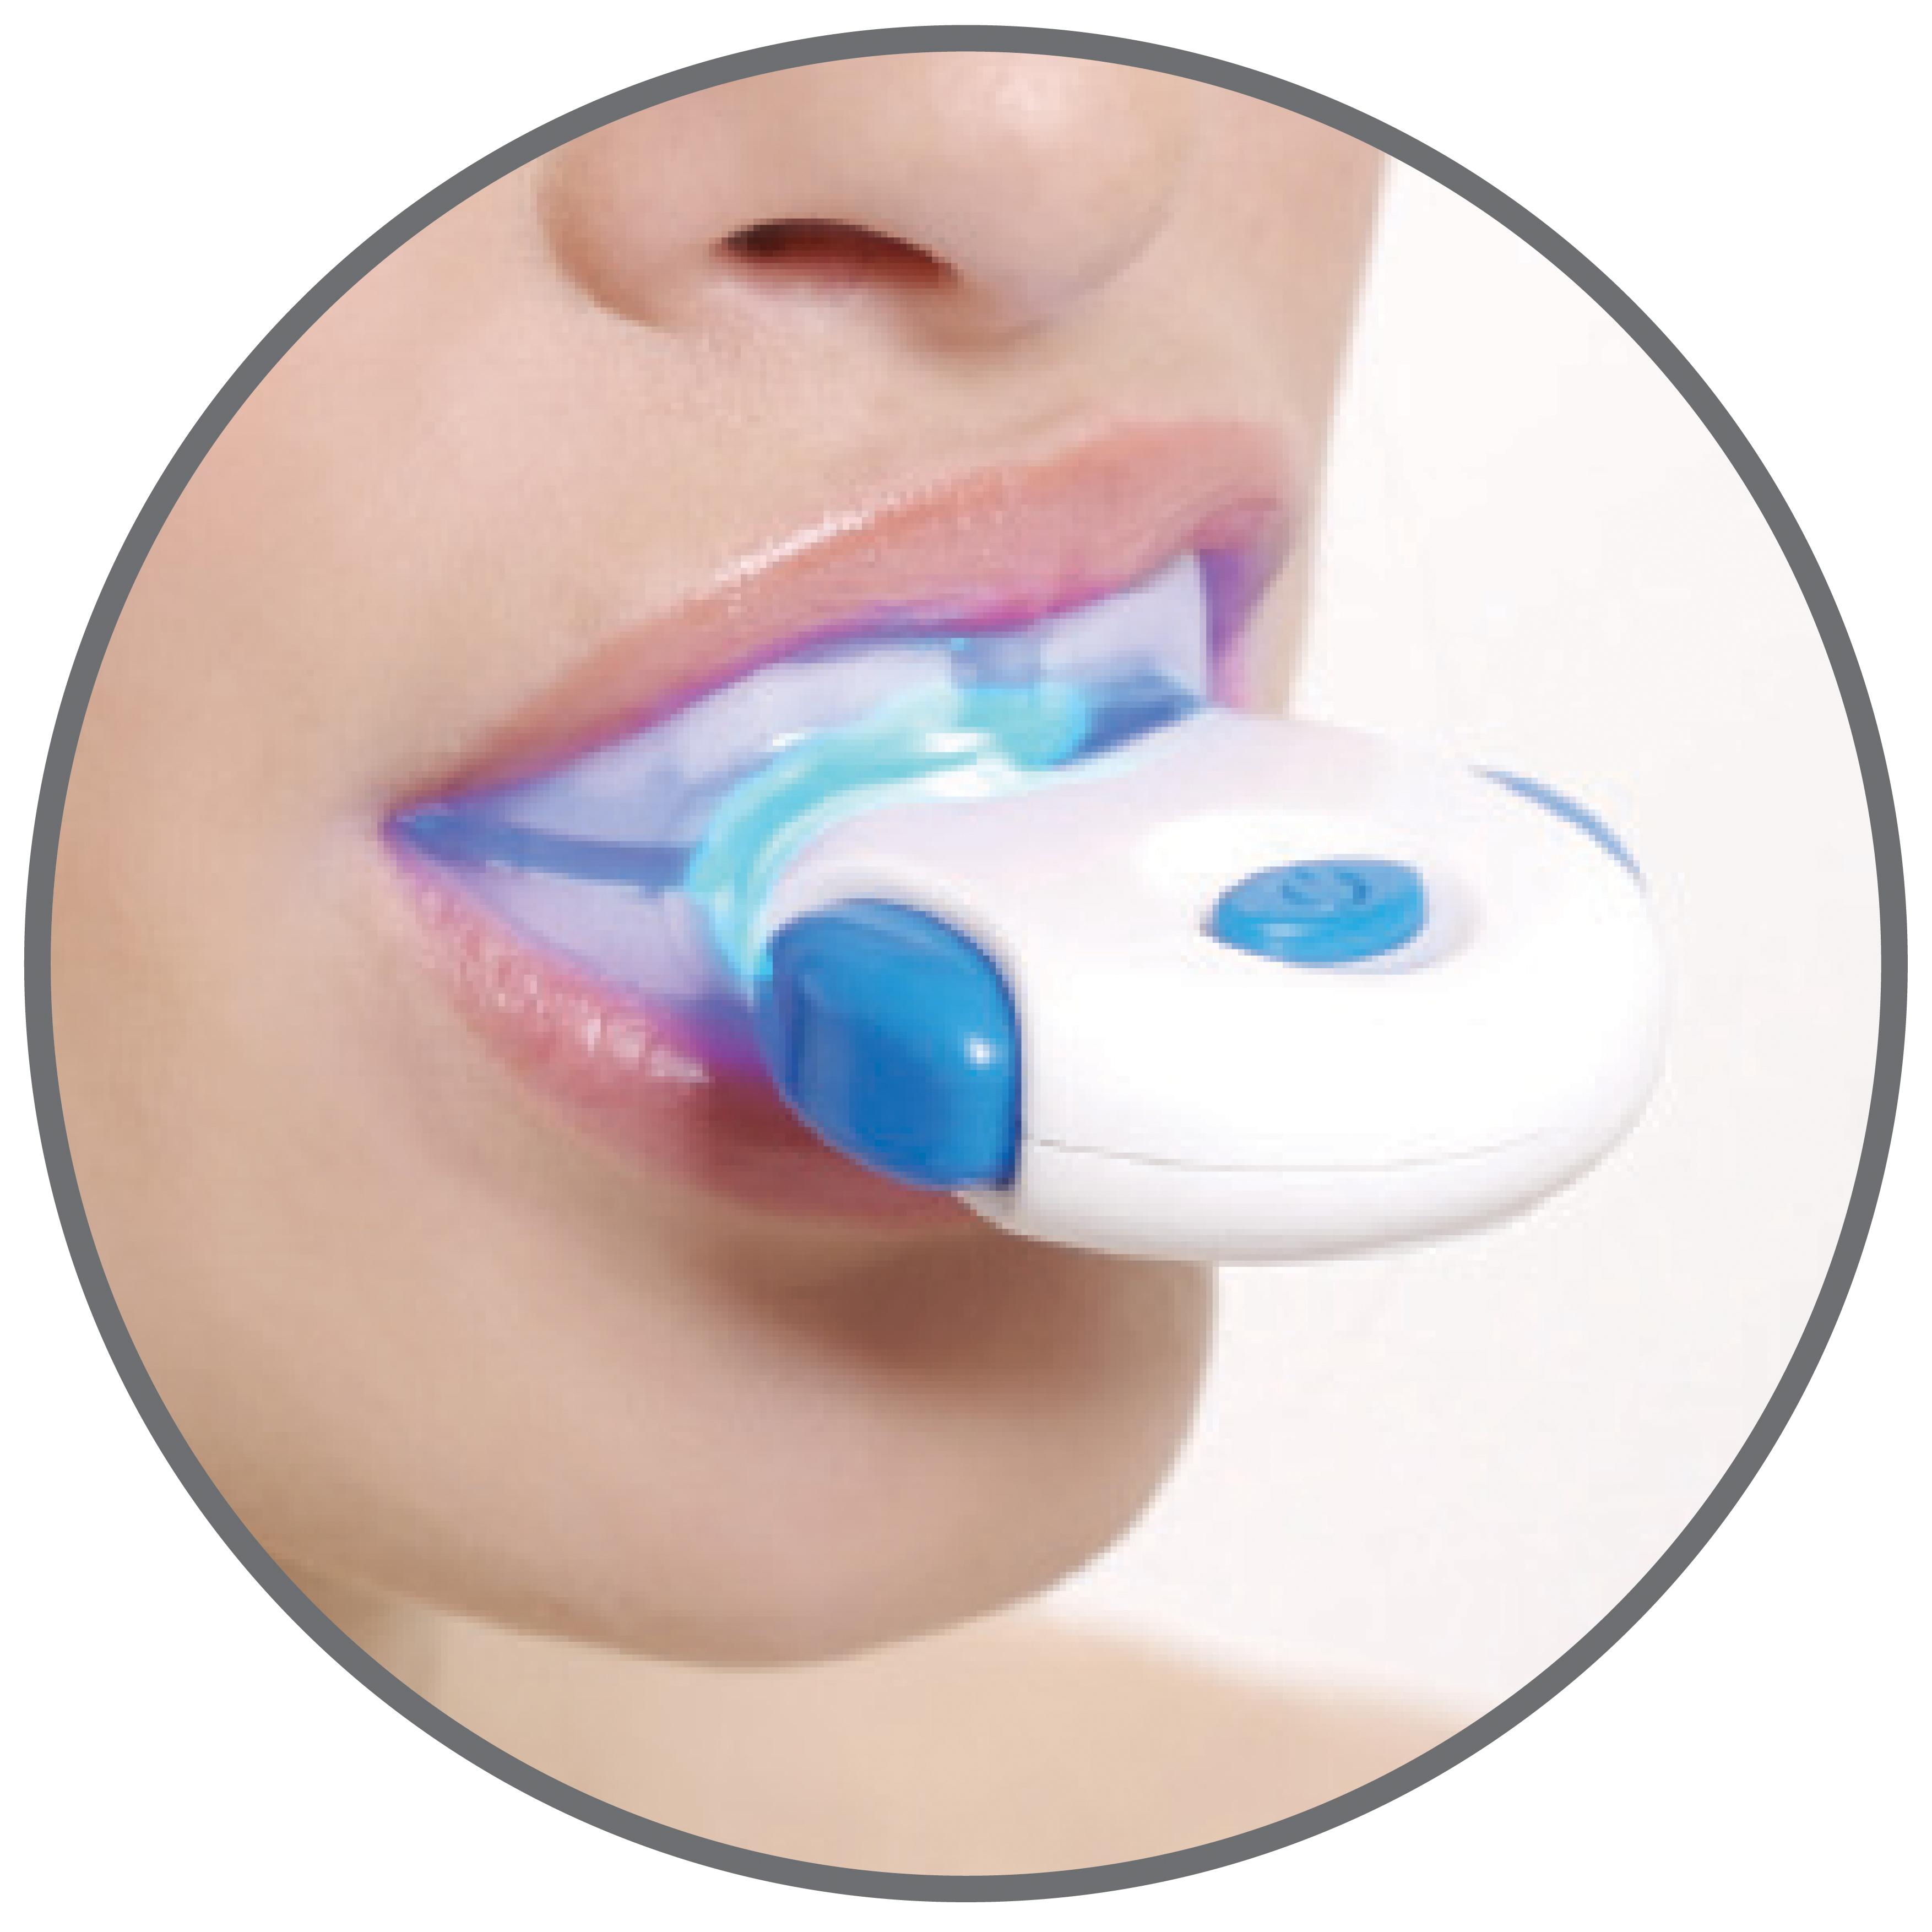 Home Teeth Whitening Light: Blue Light Teeth Whitening